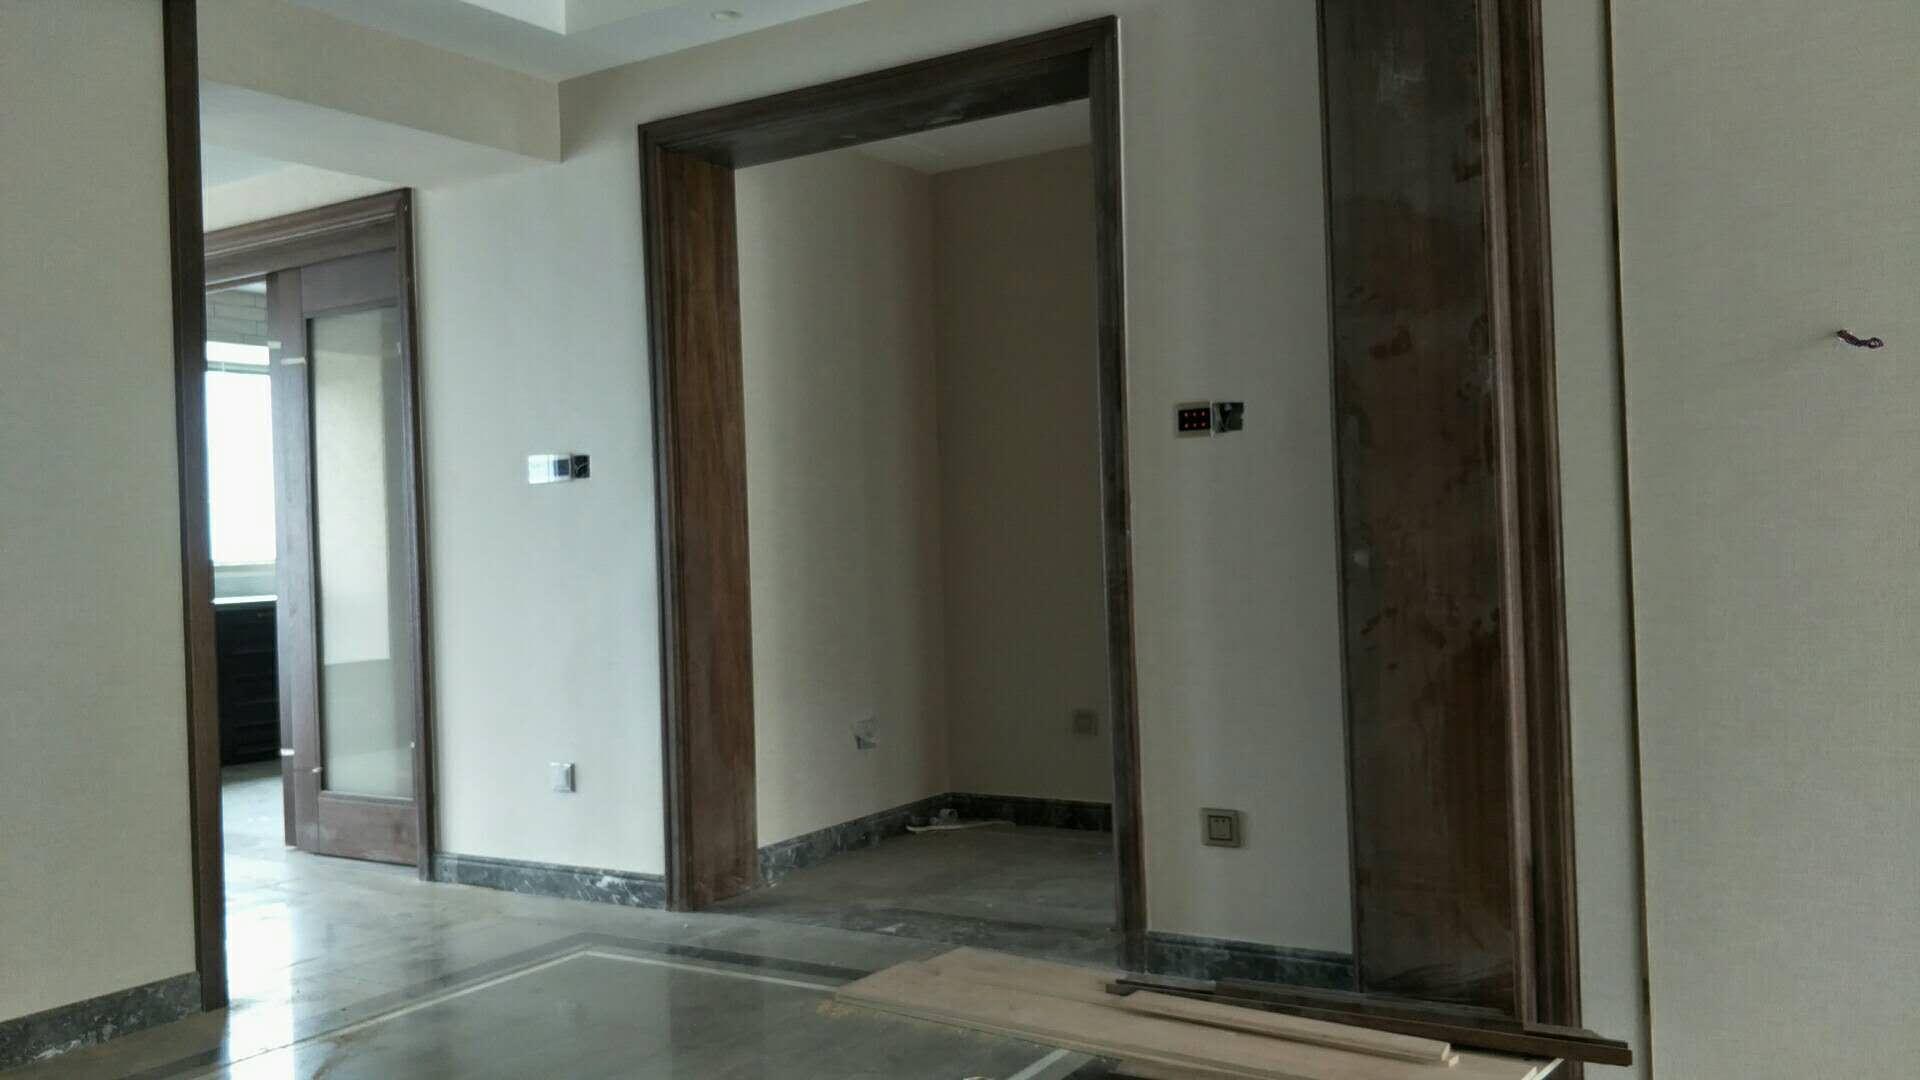 柳州广西柳州?#25104;?#21306;复式楼智能家居安装项目